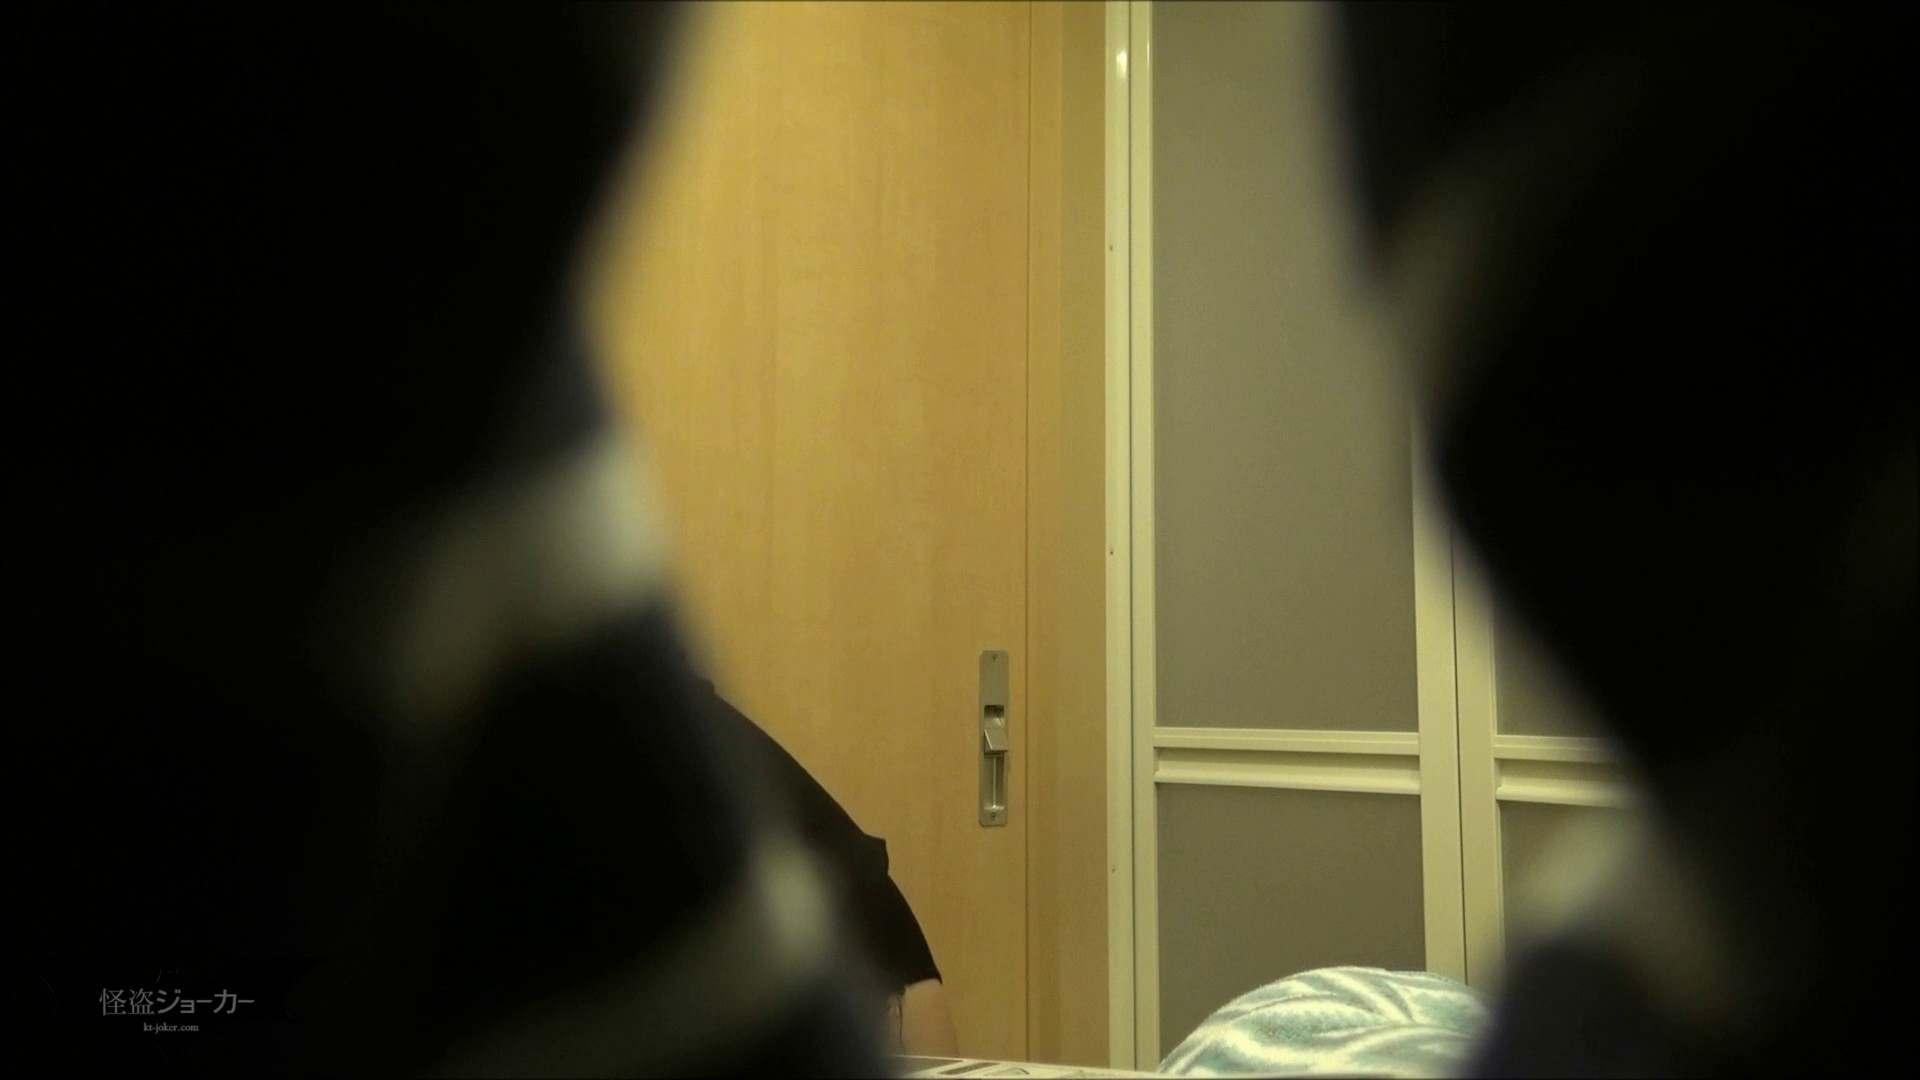 【未公開】vol.105 {爆乳女子と貧乳女子}カナミ&マリ【前編】 爆乳  49画像 16